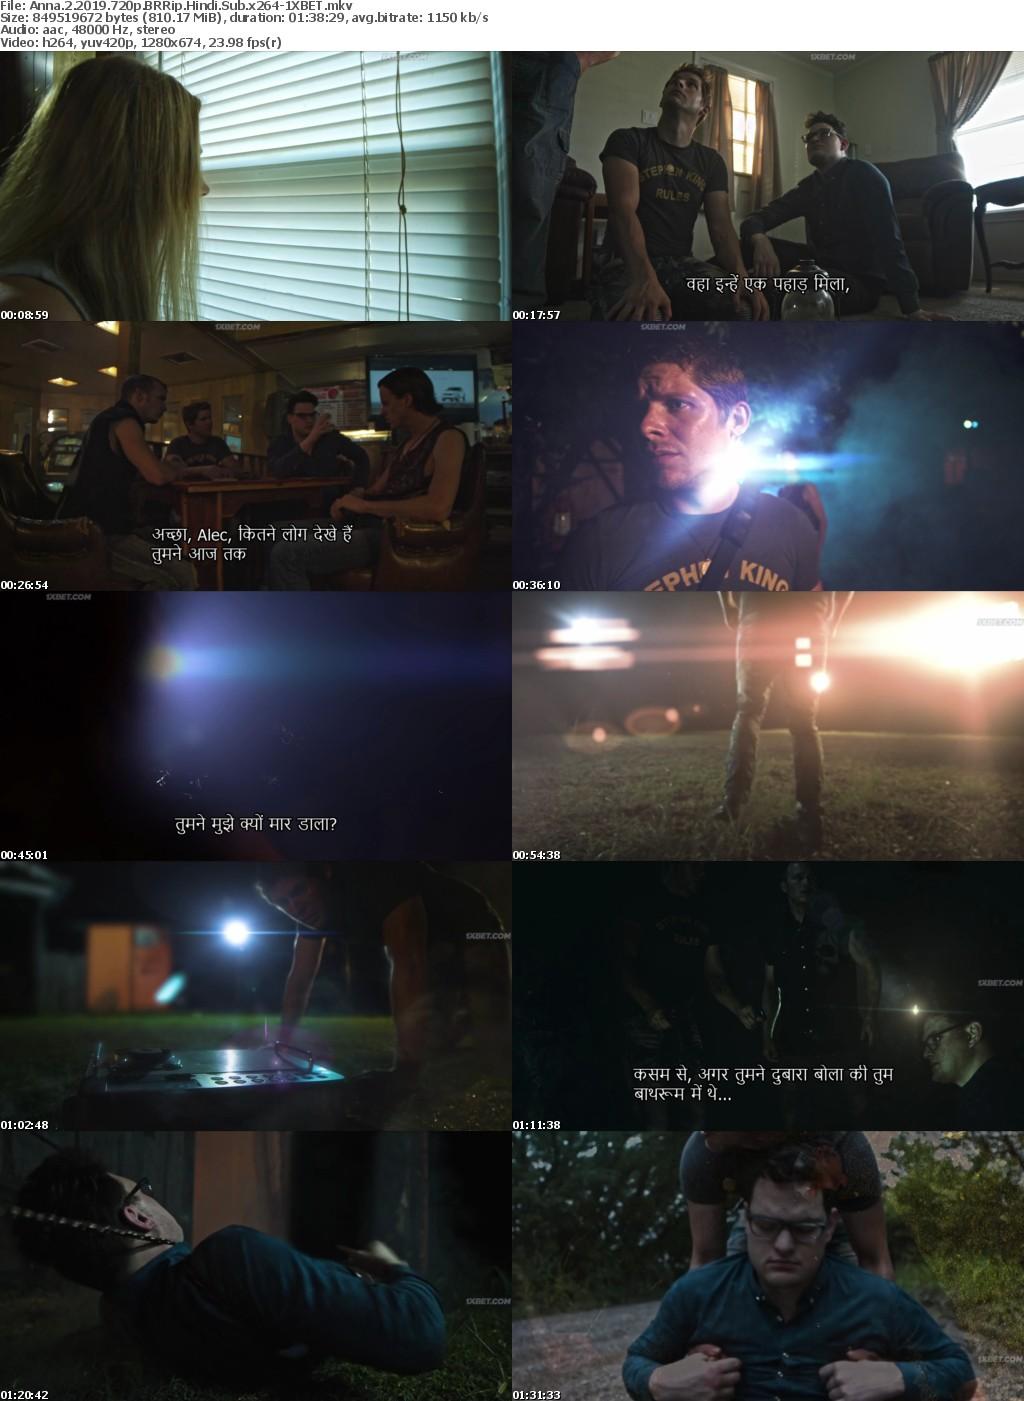 Anna 2 (2019) 720p BRRip Hindi-Sub x264 - 1XBET